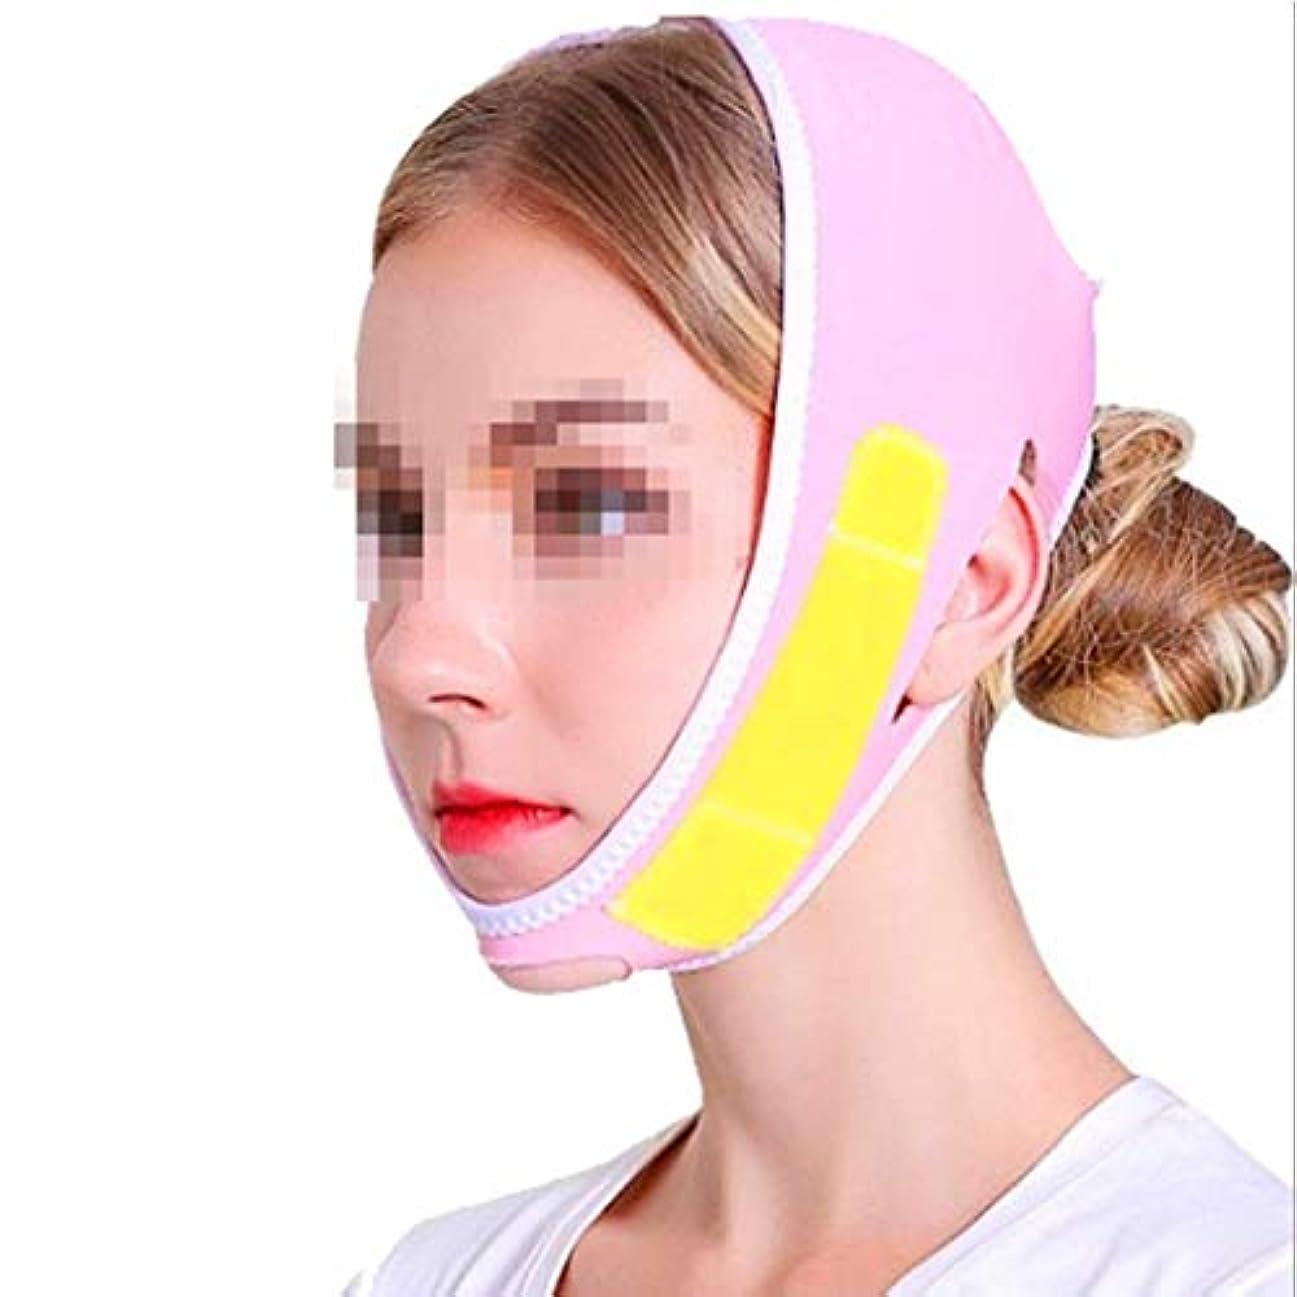 選ぶ勇者一般フェイスリフトマスク、Vフェイスフェイシャルリフティング、およびローラインにしっかりと締め付けます二重あごの美容整形包帯マルチカラーオプション(カラー:イエロー),ピンク